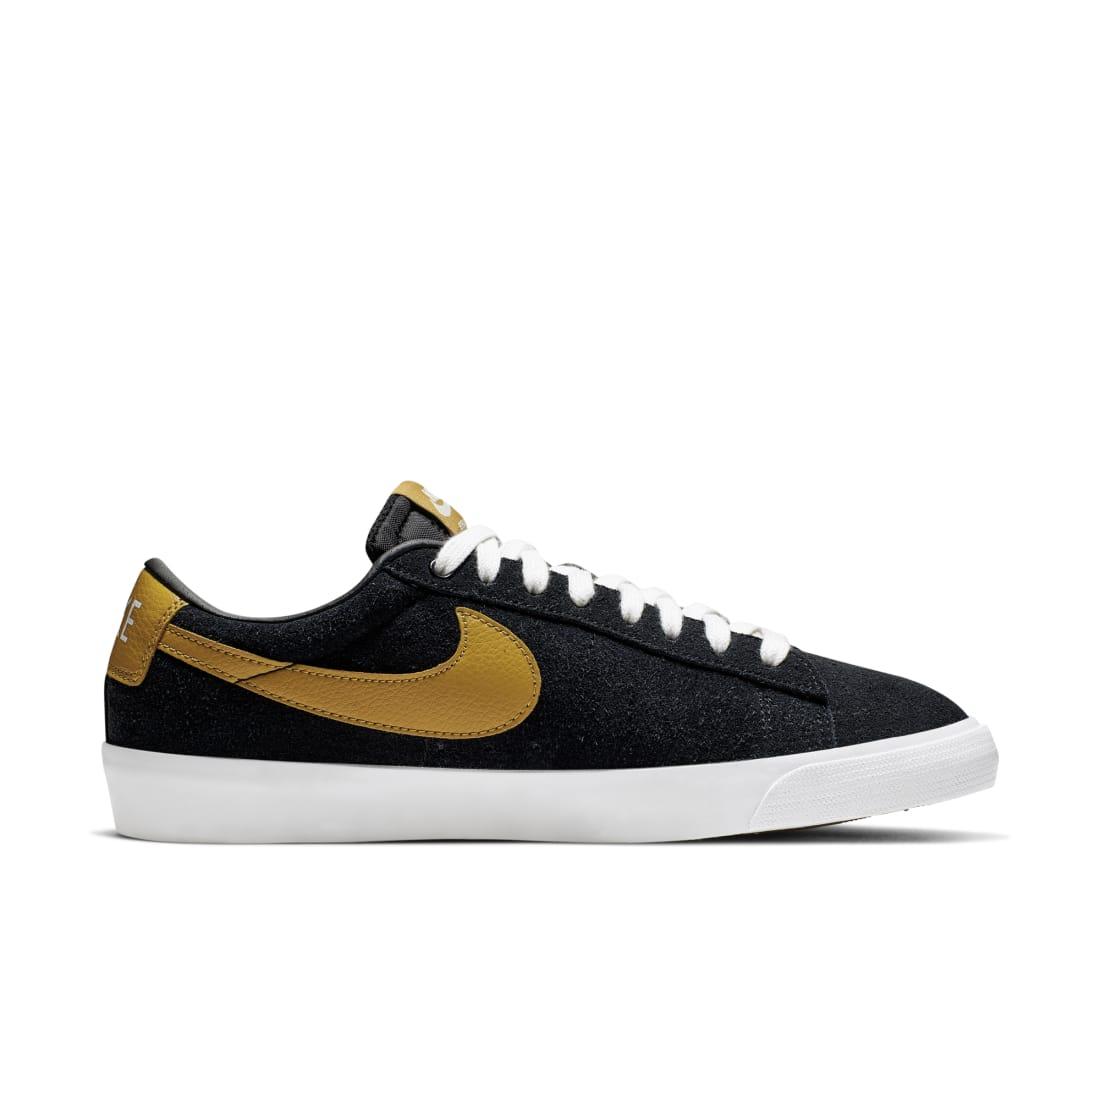 Nike SB Blazer Low GT Black Wheat White